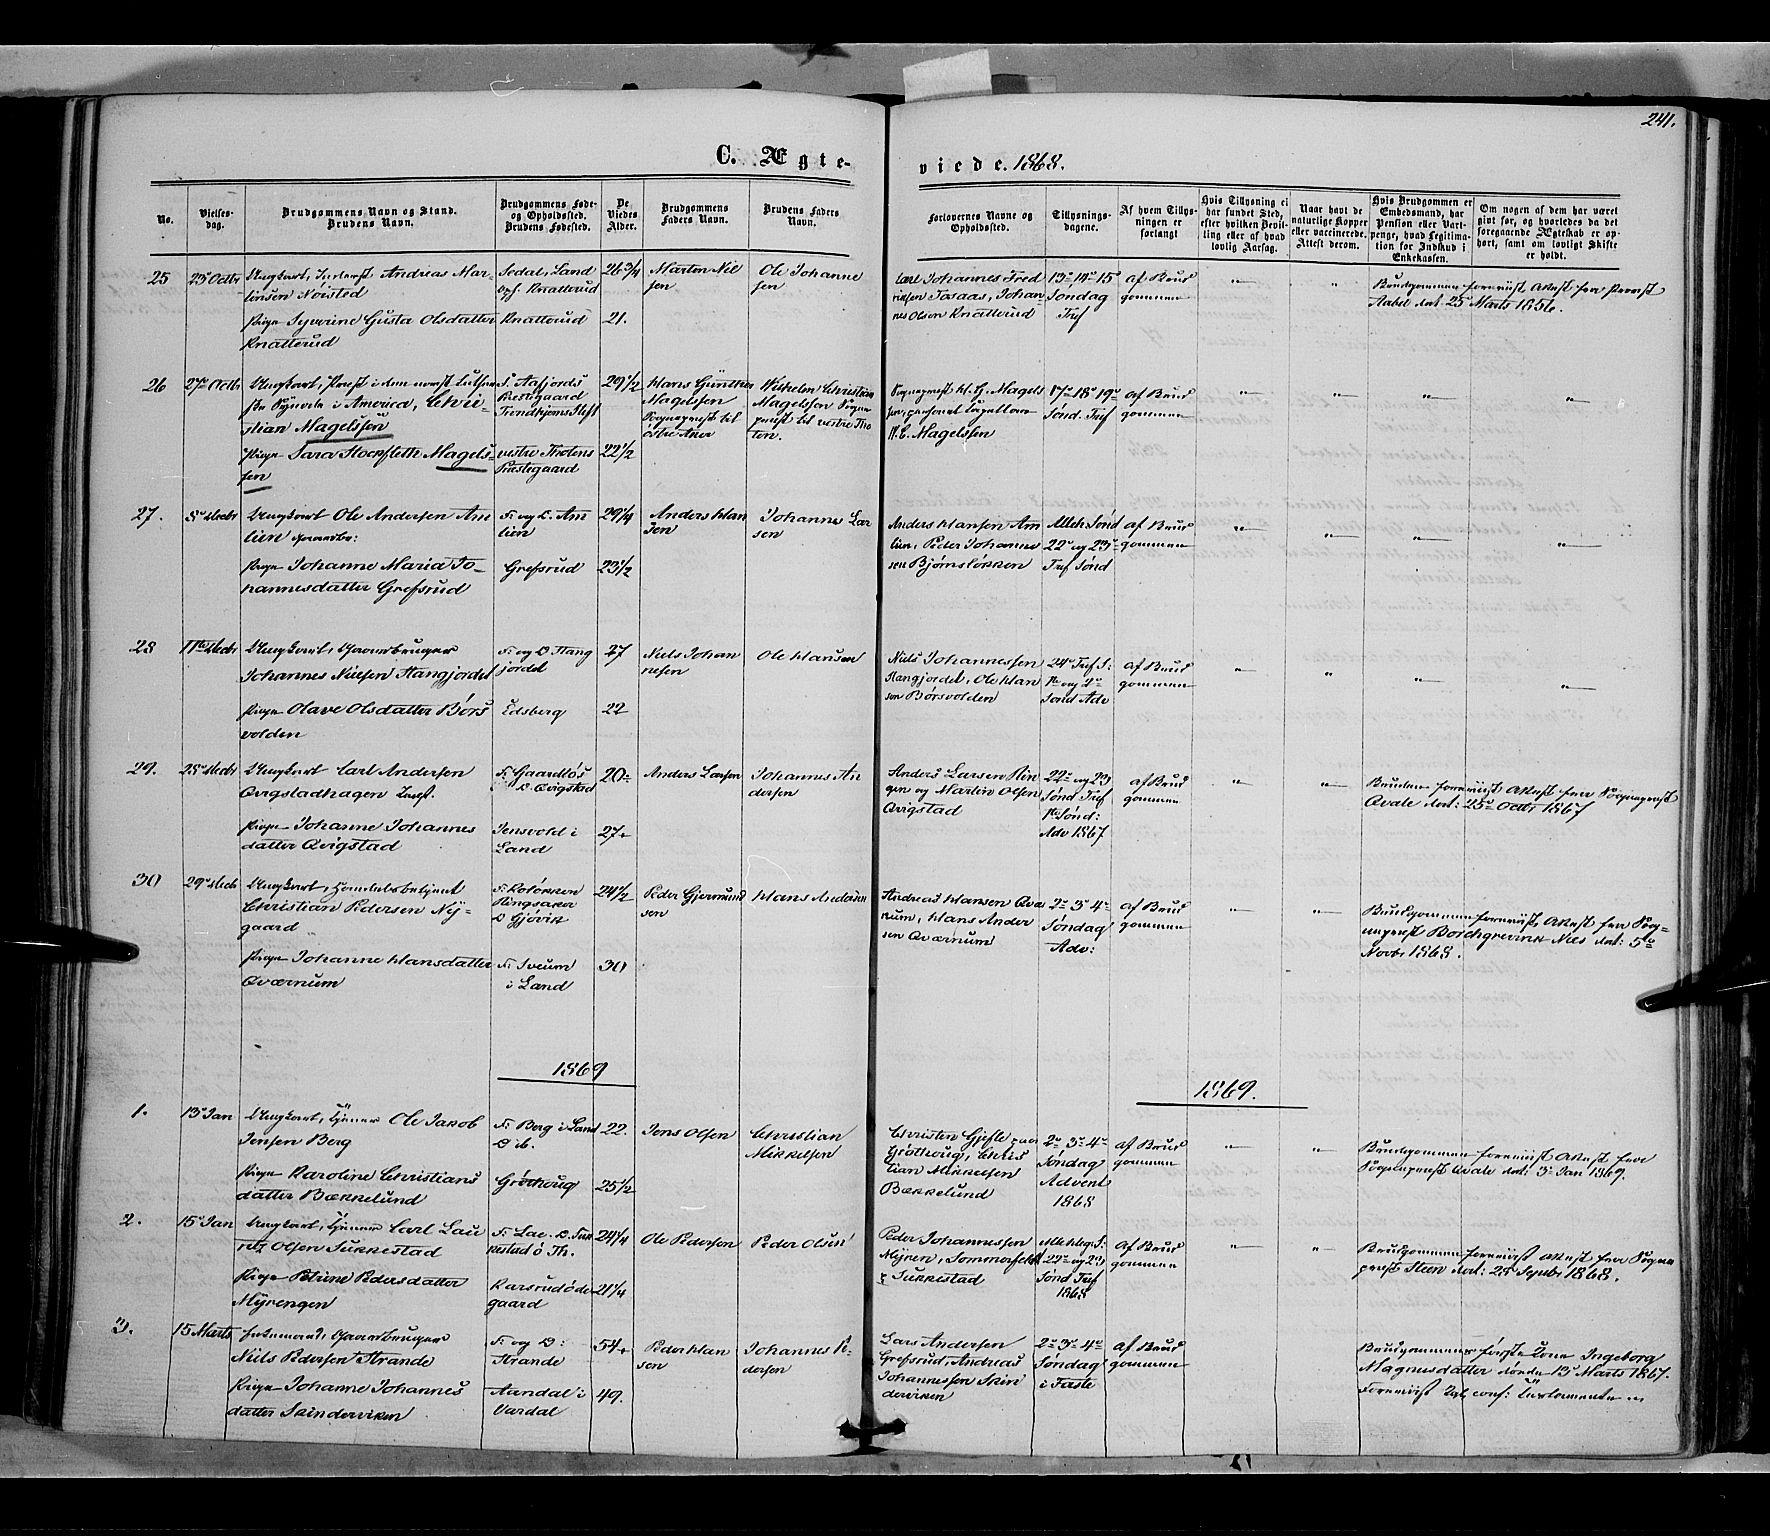 SAH, Vestre Toten prestekontor, Ministerialbok nr. 7, 1862-1869, s. 241